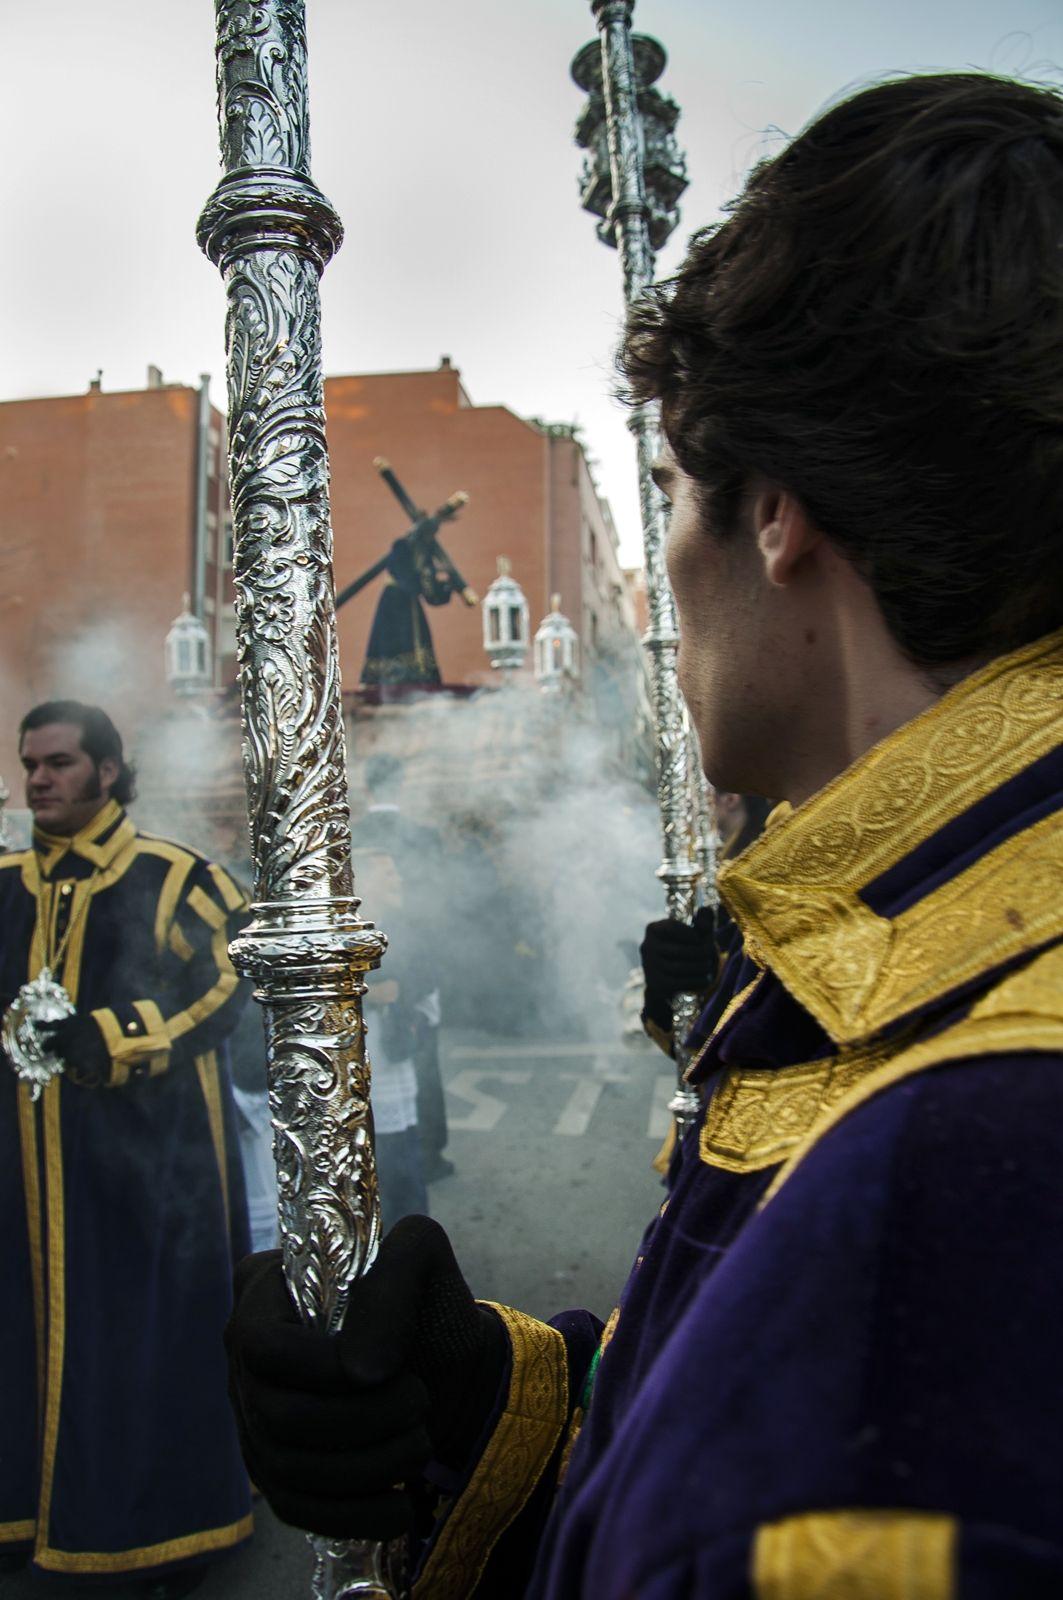 Fotografía de Magdaleno León Turrillo. Pasión -Ciudad Real- Realizada con cámara